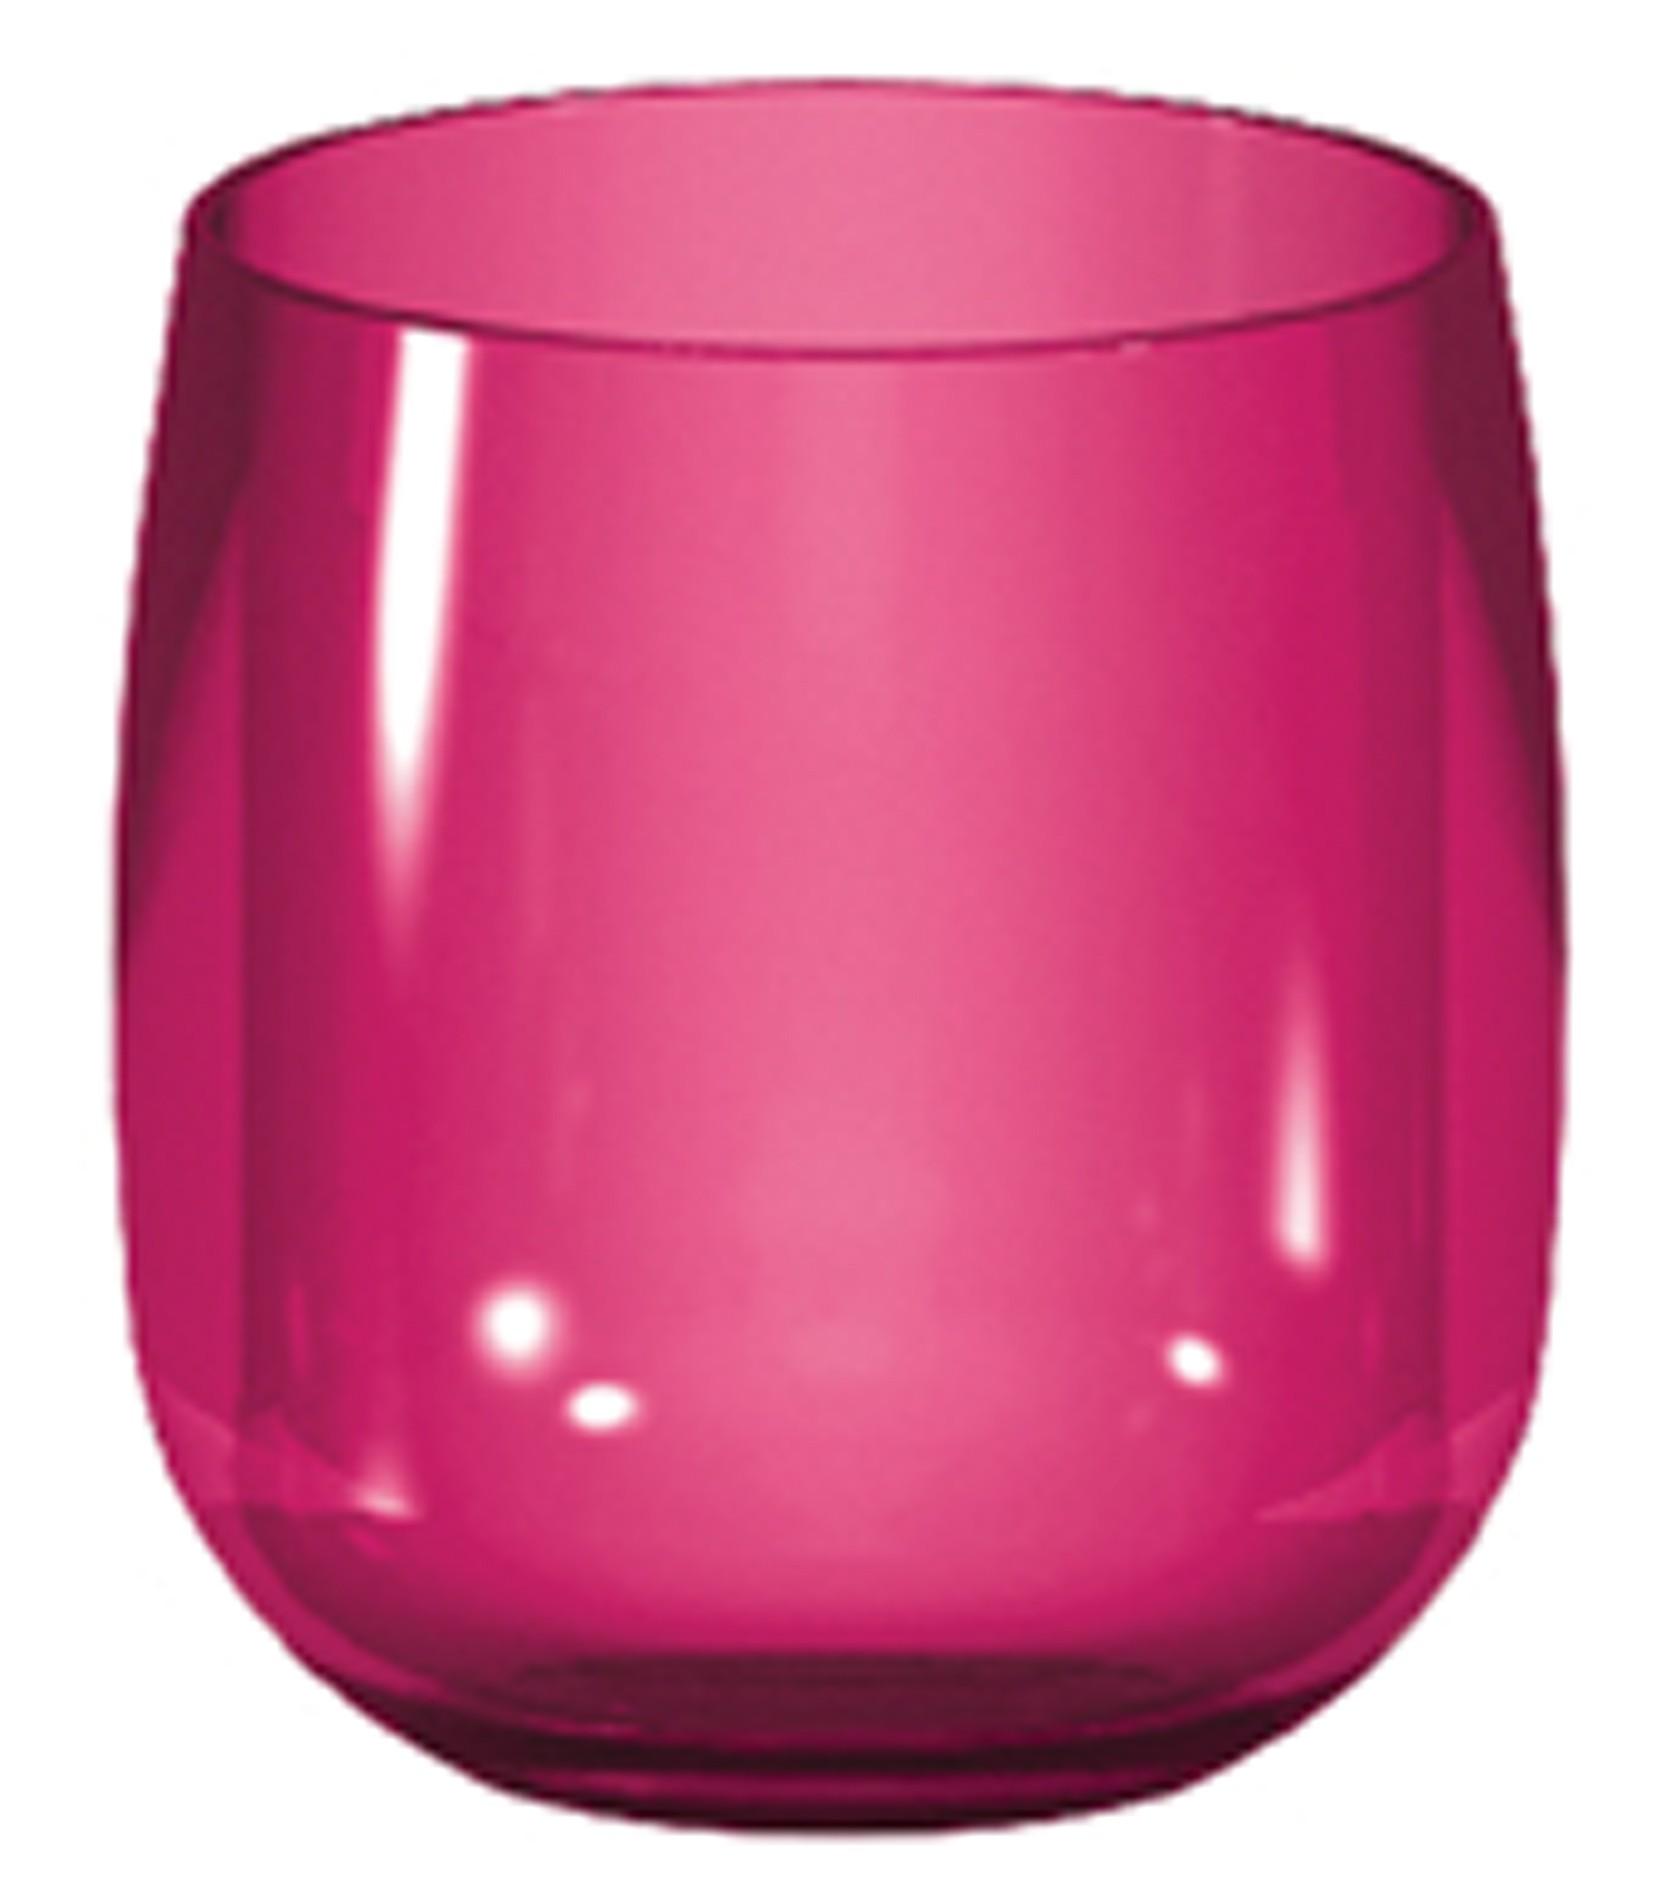 ποτήρι Ουίσκι zak designs μελαμίνης stacky φούξια home   ειδη σερβιρισματος   ποτήρια